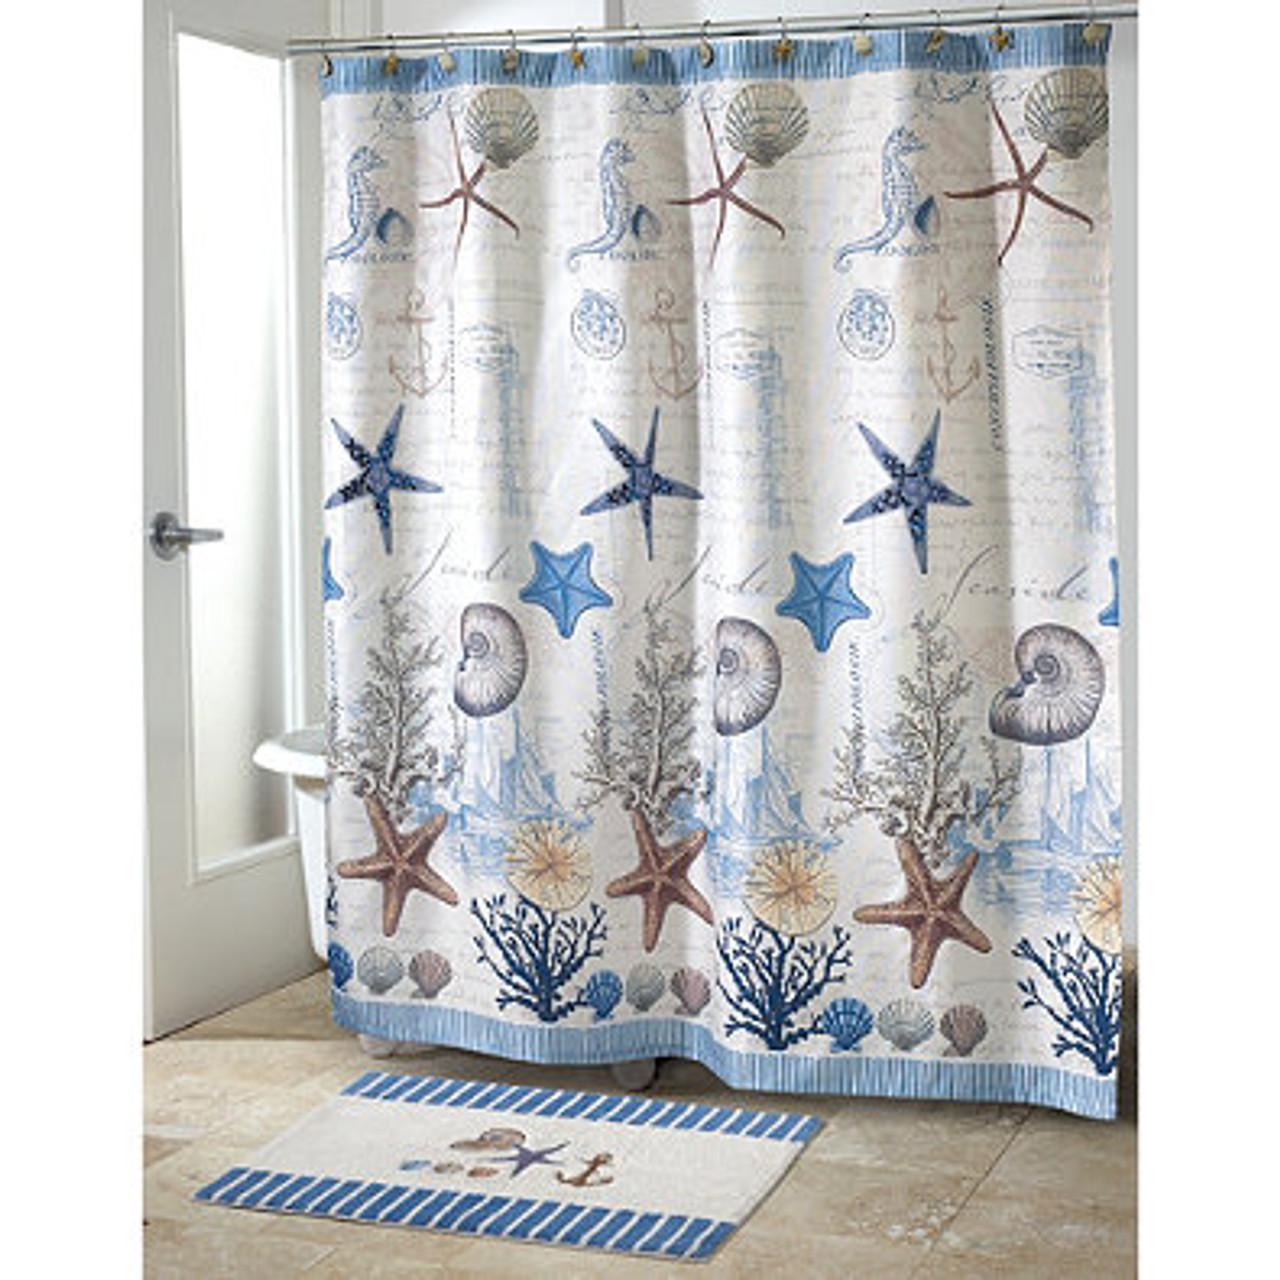 Antigua Beach Themed Shower Curtain